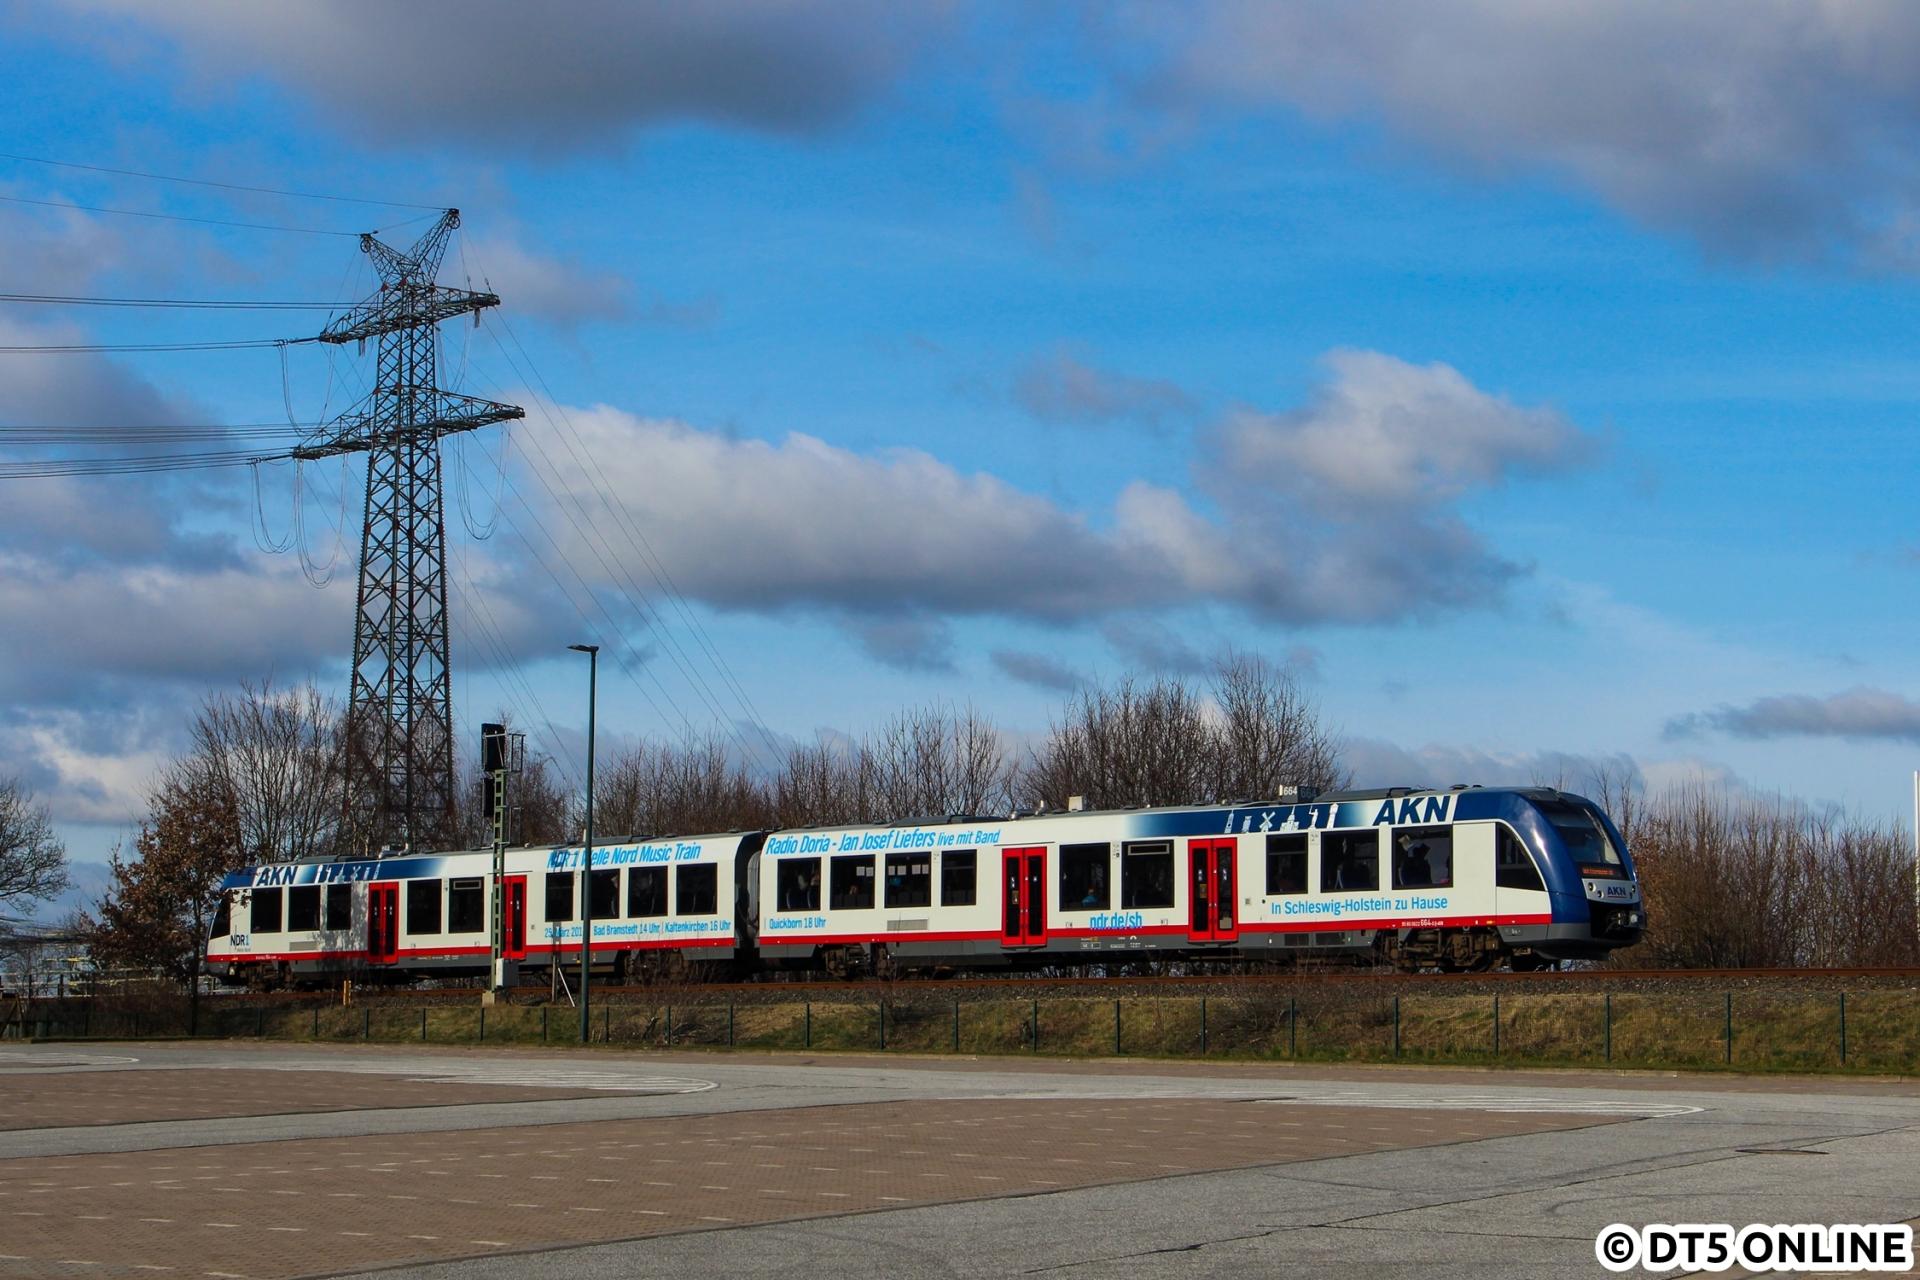 """Am 25. März war Jan-Josef Liefers mit seiner Band """"Radio Doria"""" im NDR1 Welle Nord-Music Train unterwegs. Hier konnte der entsprechend beklebte AKN-Zug über den leeren Parkplatz von dodenhof fotografiert werden."""